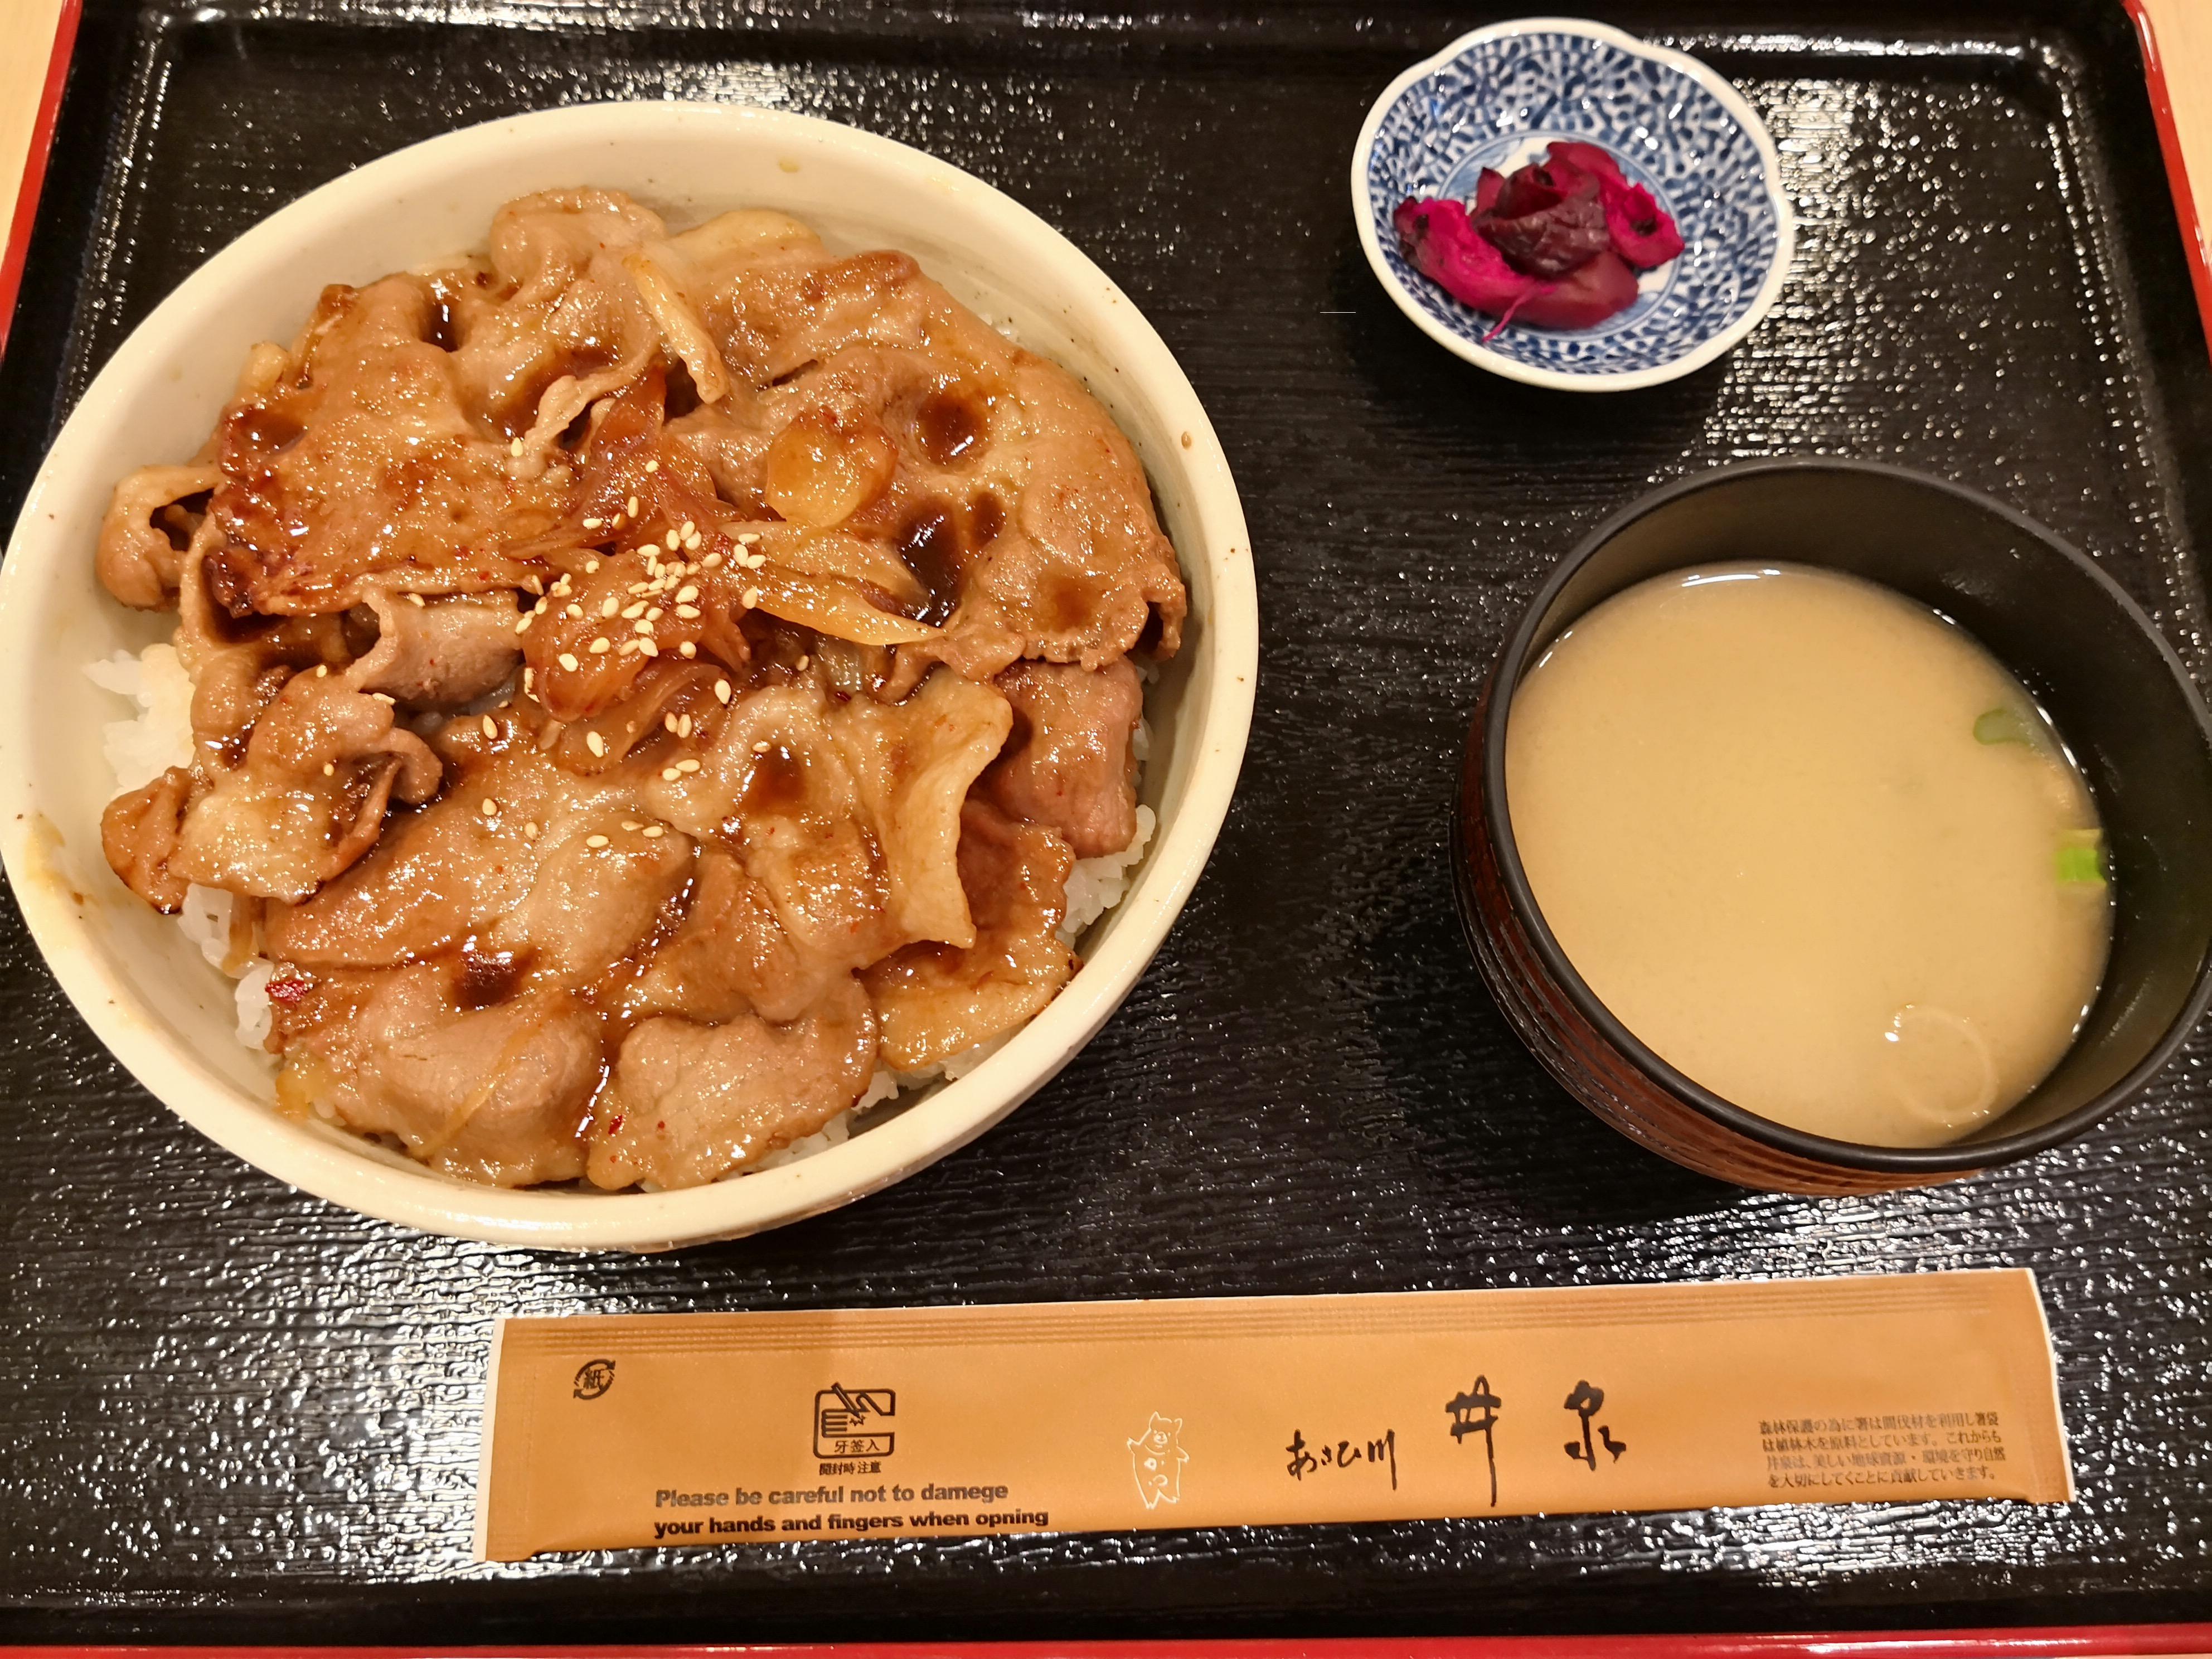 新千歳空港グルメフードコート あさひかわ井泉の豚丼